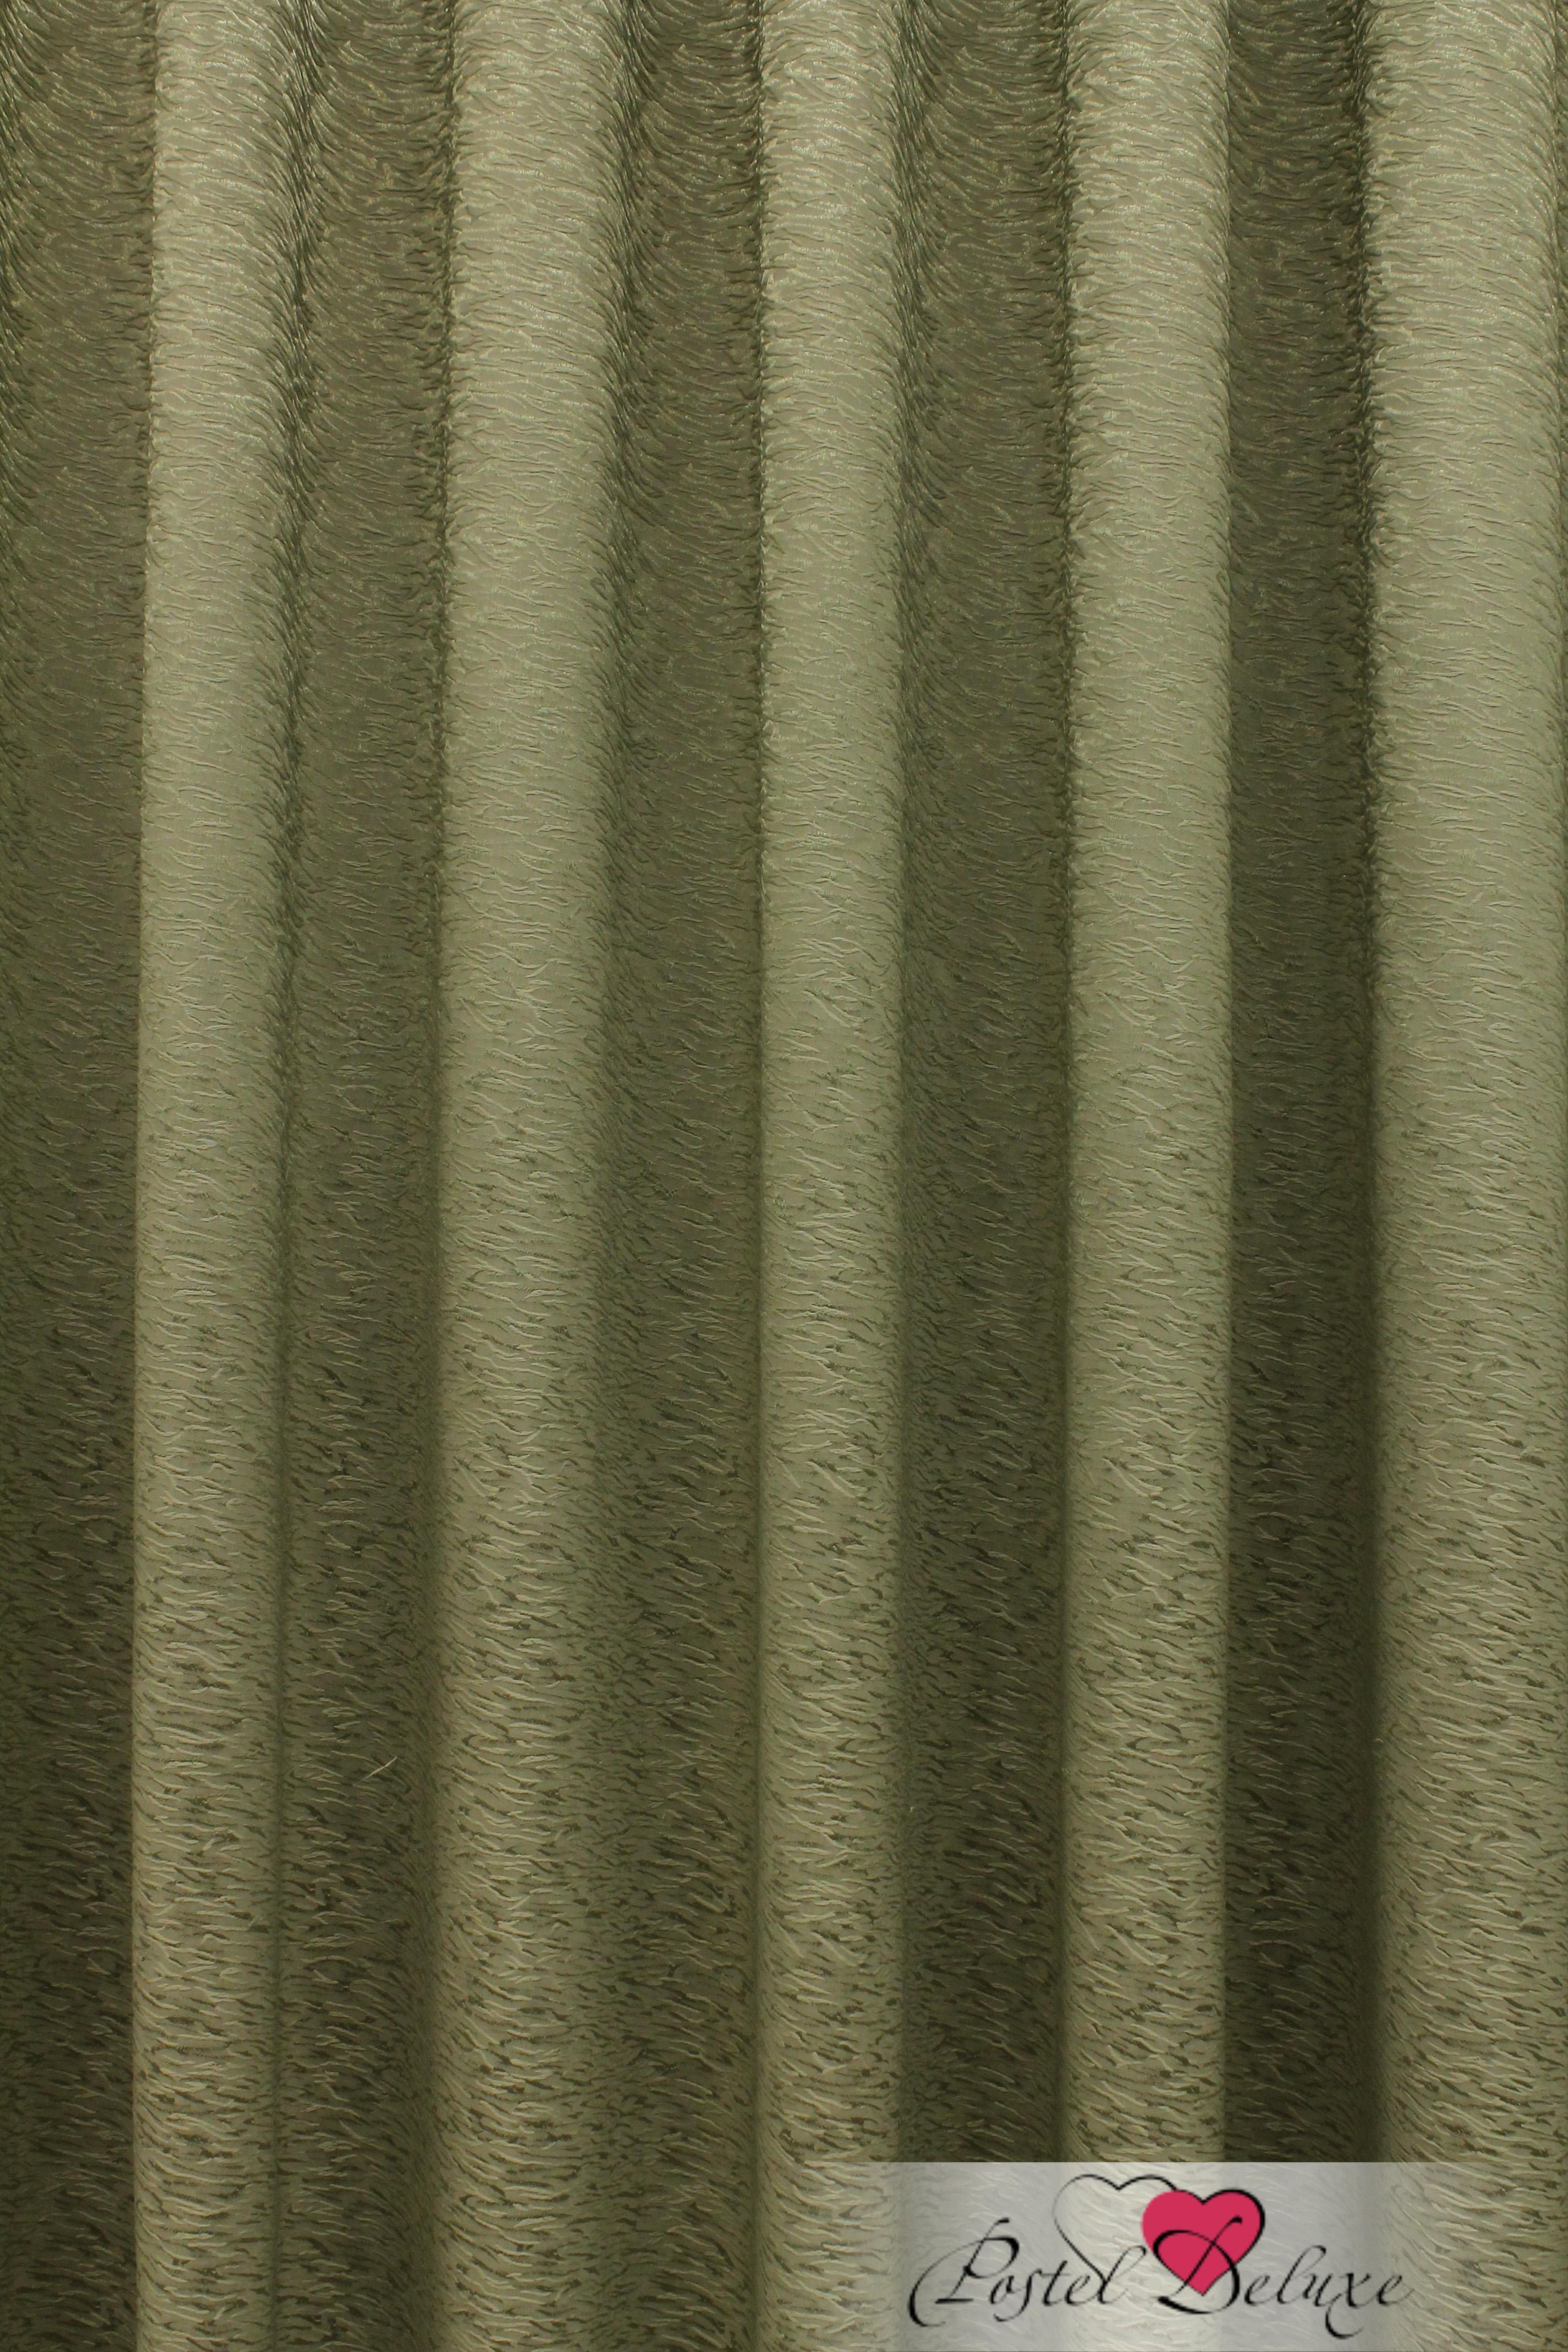 Шторы Sanpa Классические шторы Шерил Цвет: Зеленый шторы tac классические шторы winx цвет персиковый 200x265 см